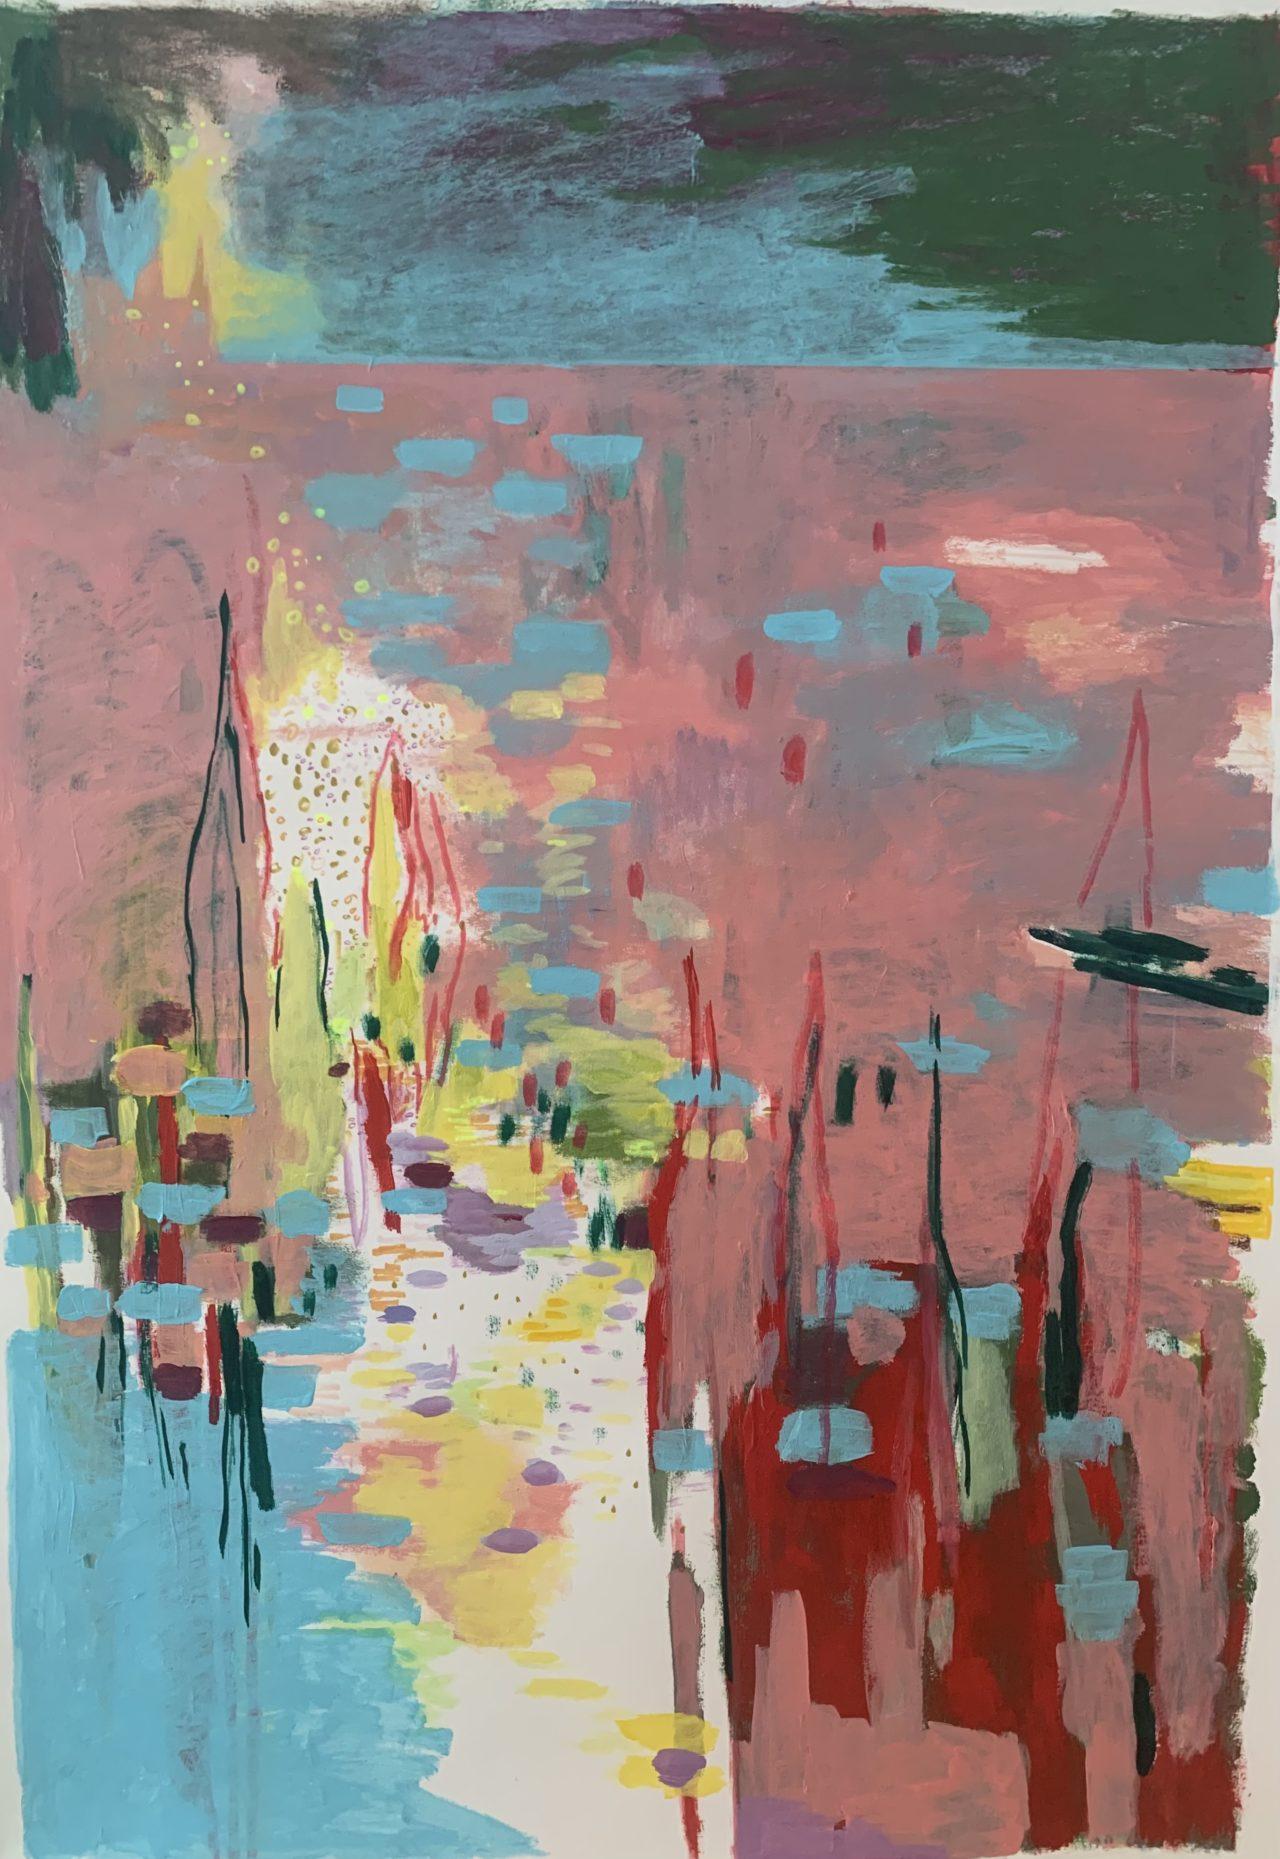 So Sanft, 100 x 70 cm, Acryl, Tusche- und Lackstifte, 2021